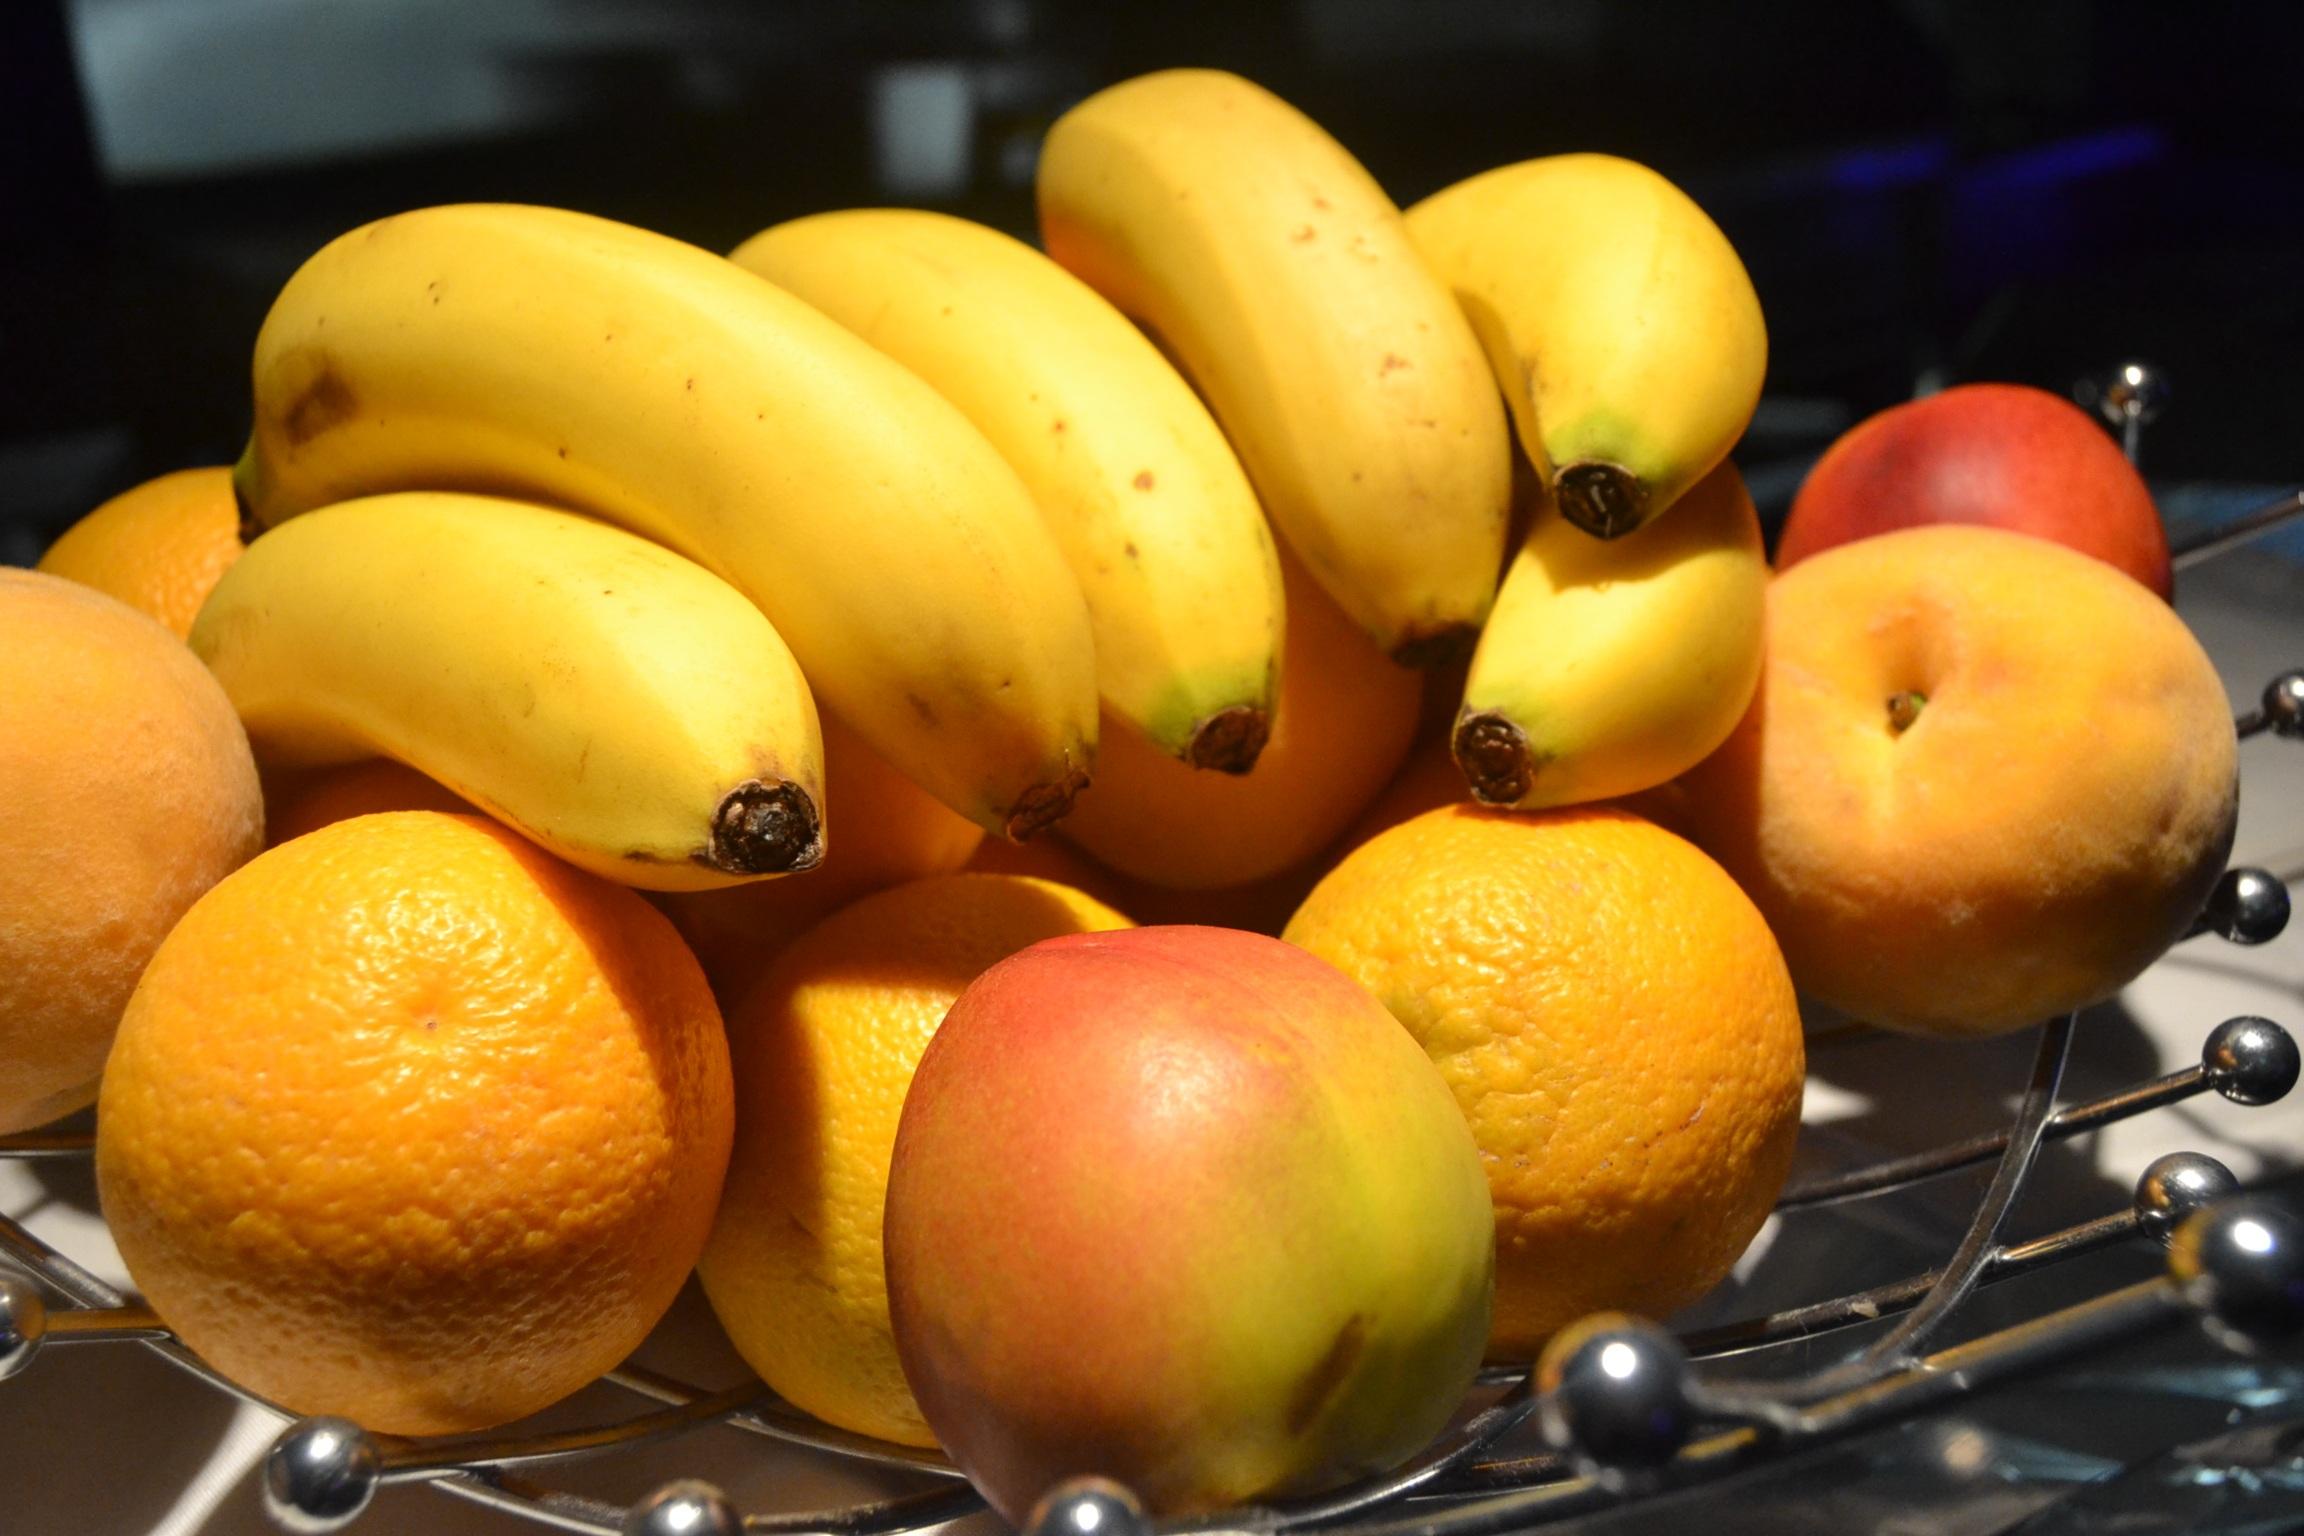 картинка яблоко банан апельсин созданием усовершенствованных